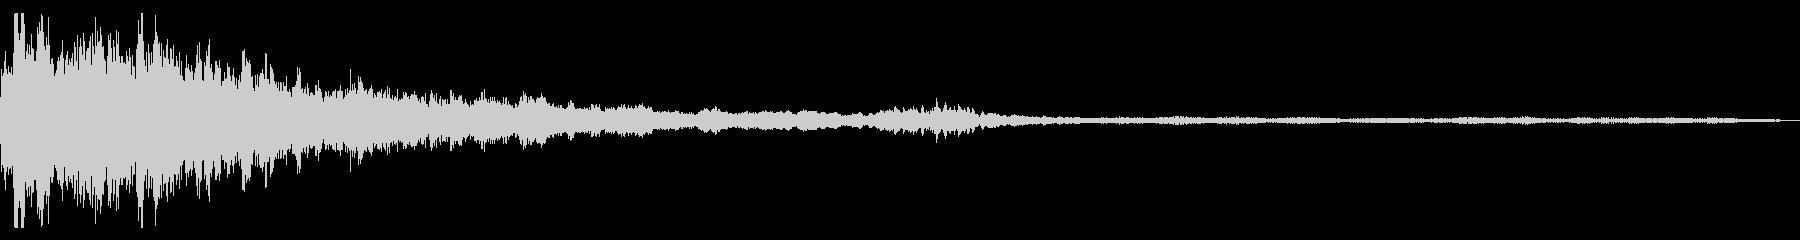 エイリアンスターの未再生の波形